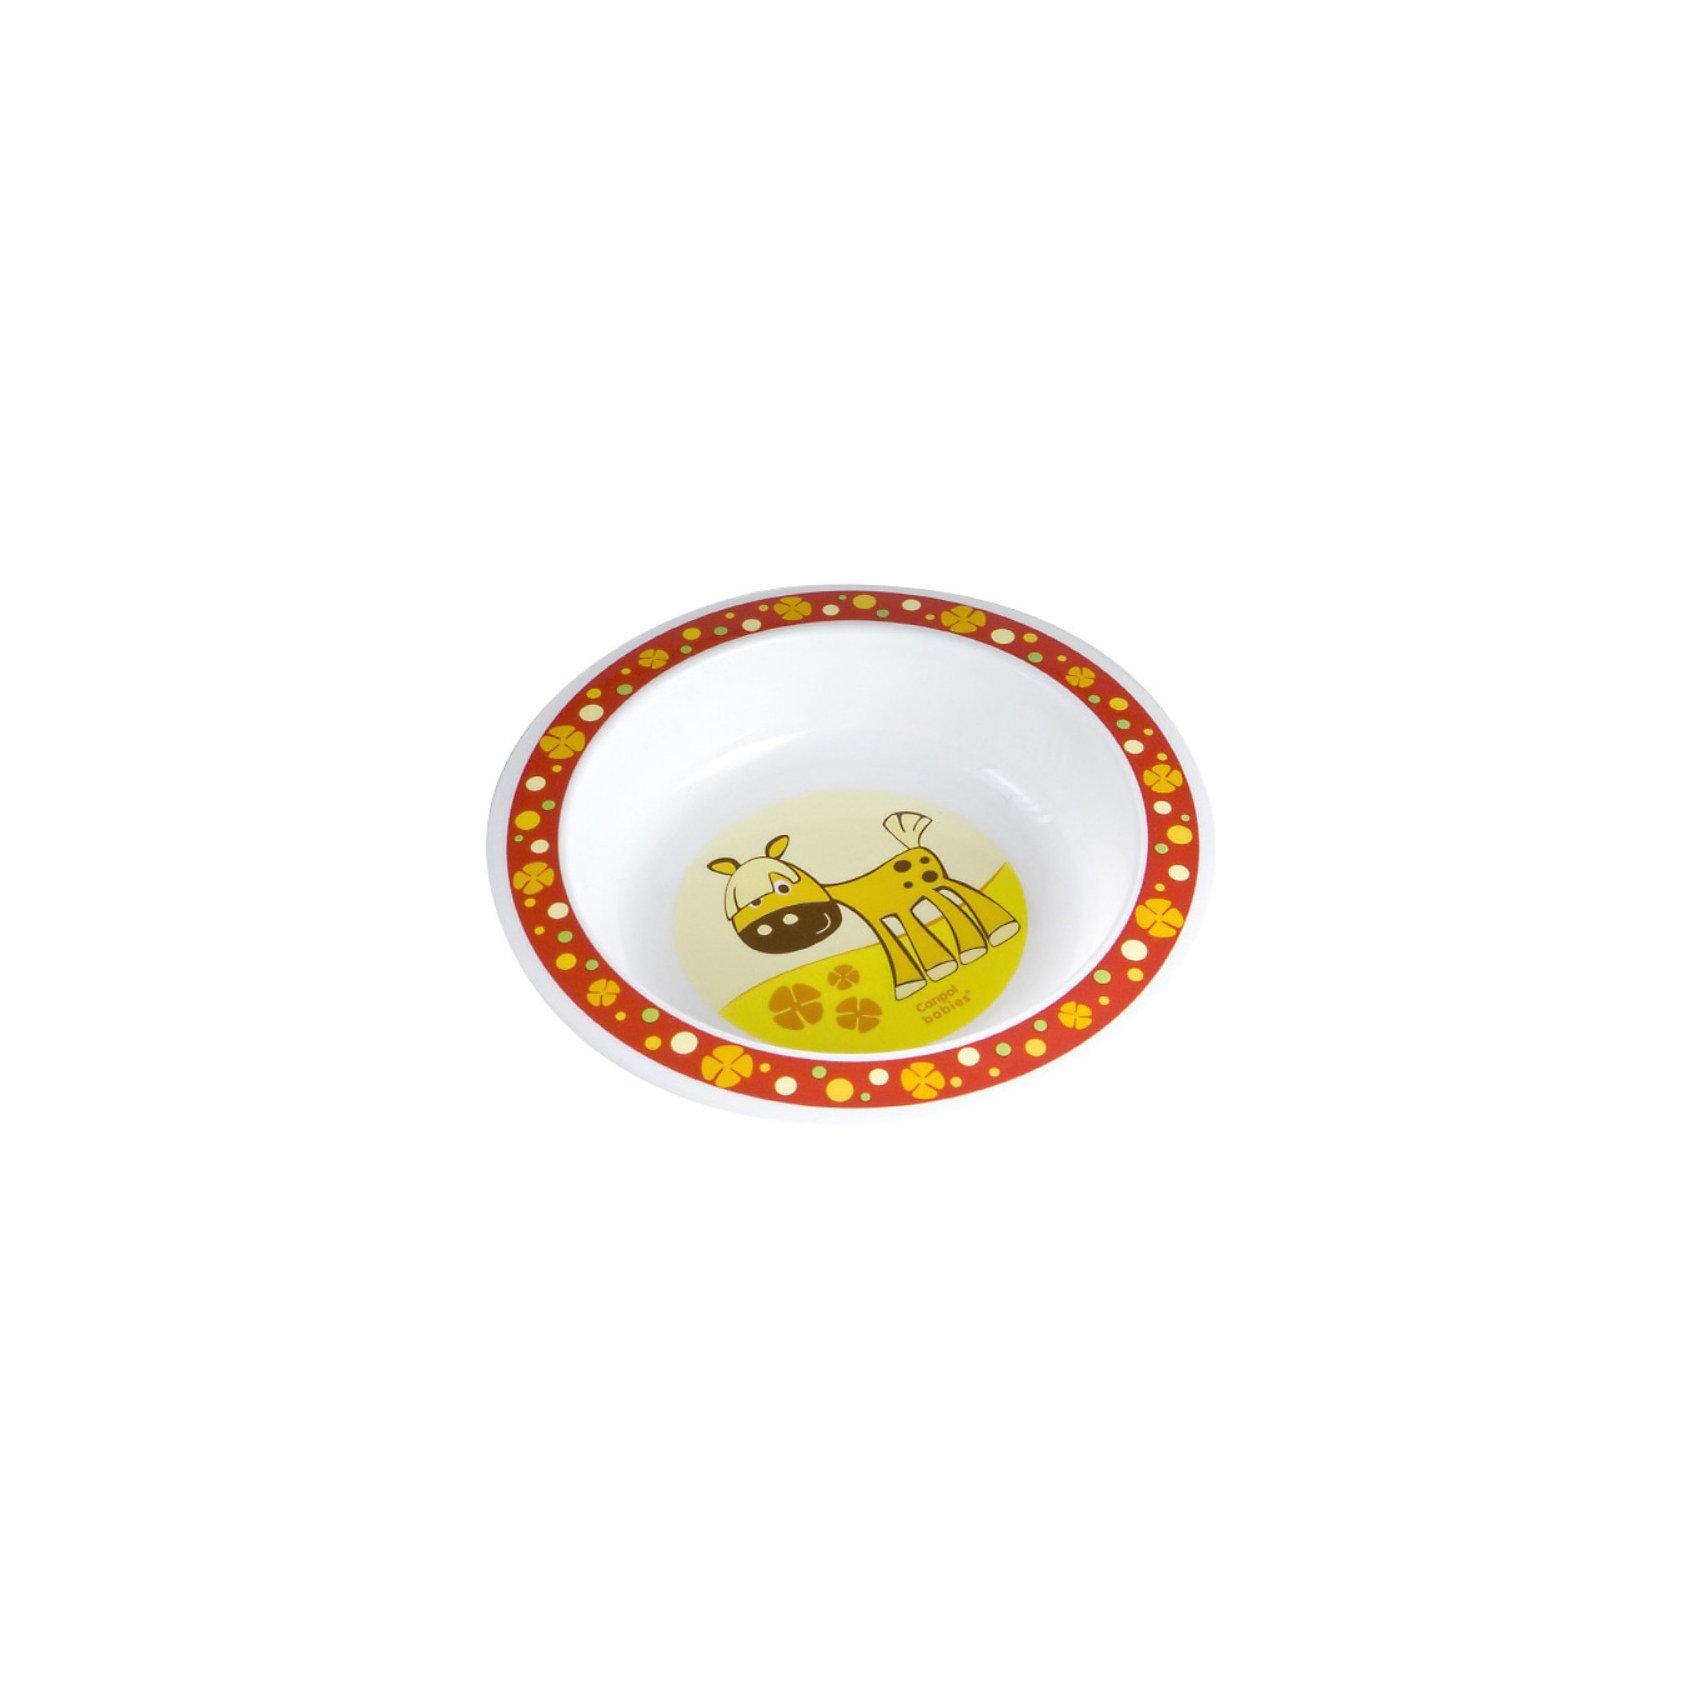 Тарелка Лошадка, 270 мл.,Canpol Babies, красныйТарелка Canpol  Babies с яркими забавными рисунками станет любимой посудой Вашего ребенка. Тарелка имеет удобную эргономичную форму и безопасные закругленные края. Яркая привлекательная посуда с симпатичными персонажами поможет ребенку быстрее освоить навыки самостоятельного питания.<br>Дополнительная информация:<br>- Диаметр 17,3 см снаружи, 14 см внутри, глубина 3,5 см<br>- Материал: пластик. <br>- Объем: 270 мл.<br>- Размер упаковки: 4 х 17 х 17 см.<br>- Вес: 50 гр.<br>Тарелку Canpol Babies 270 мл. можно купить в нашем интернет-магазине.<br><br>Ширина мм: 175<br>Глубина мм: 40<br>Высота мм: 175<br>Вес г: 40<br>Возраст от месяцев: 9<br>Возраст до месяцев: 36<br>Пол: Унисекс<br>Возраст: Детский<br>SKU: 3893874